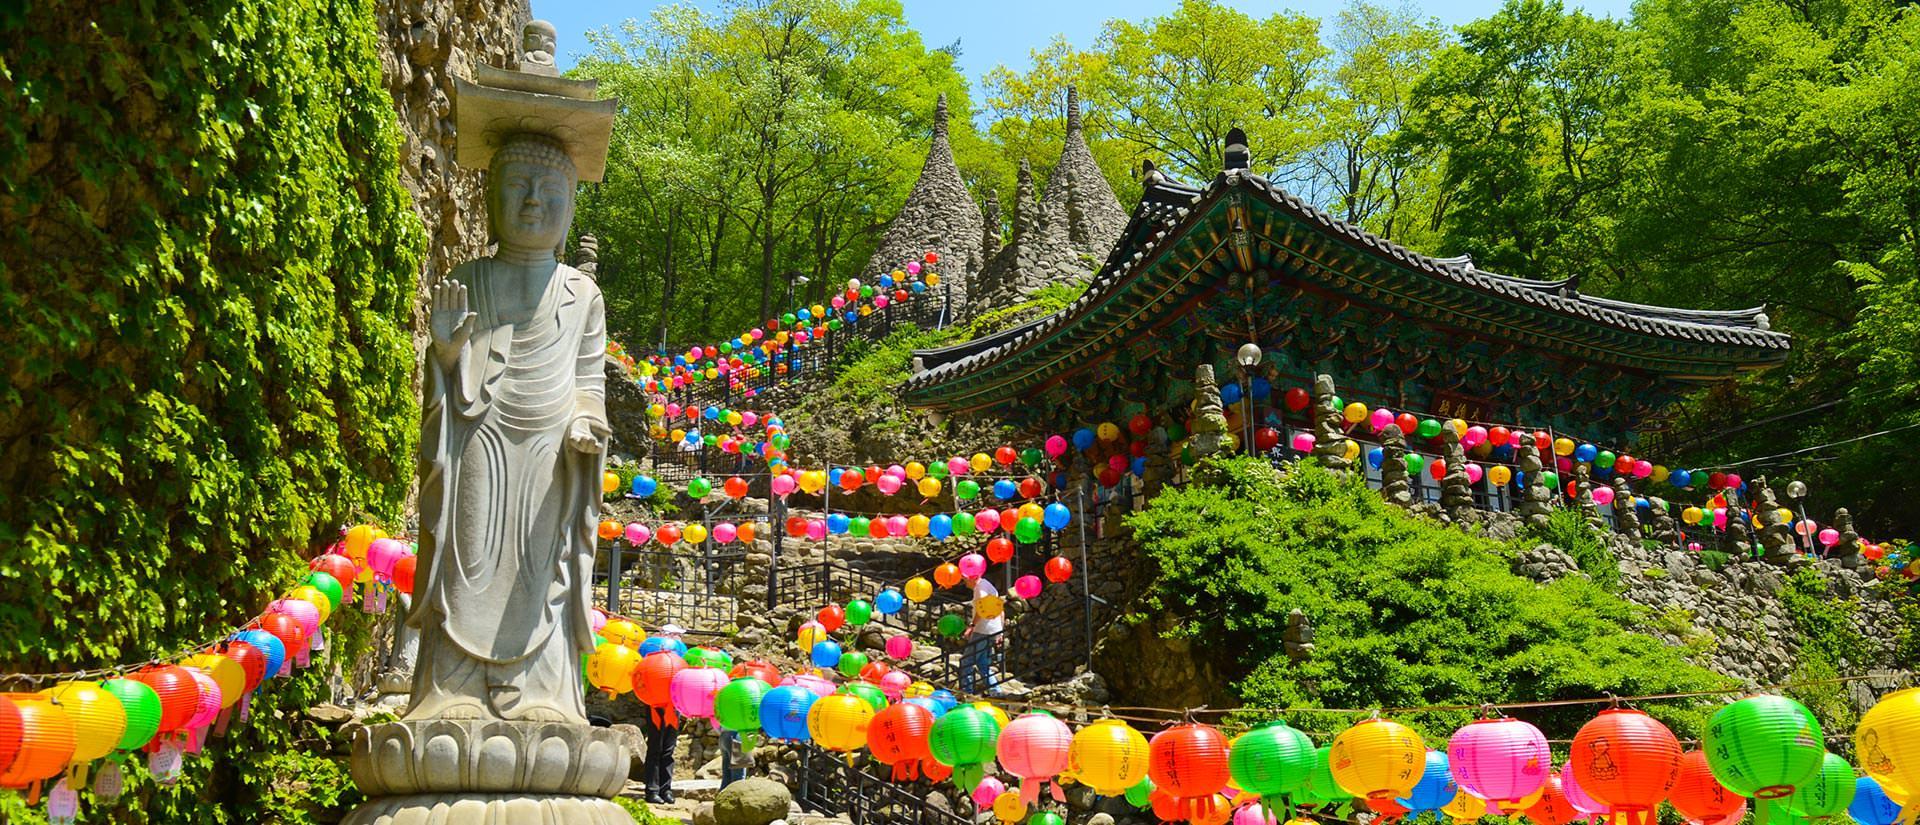 טיולים מאורגנים לדרום קוריאה